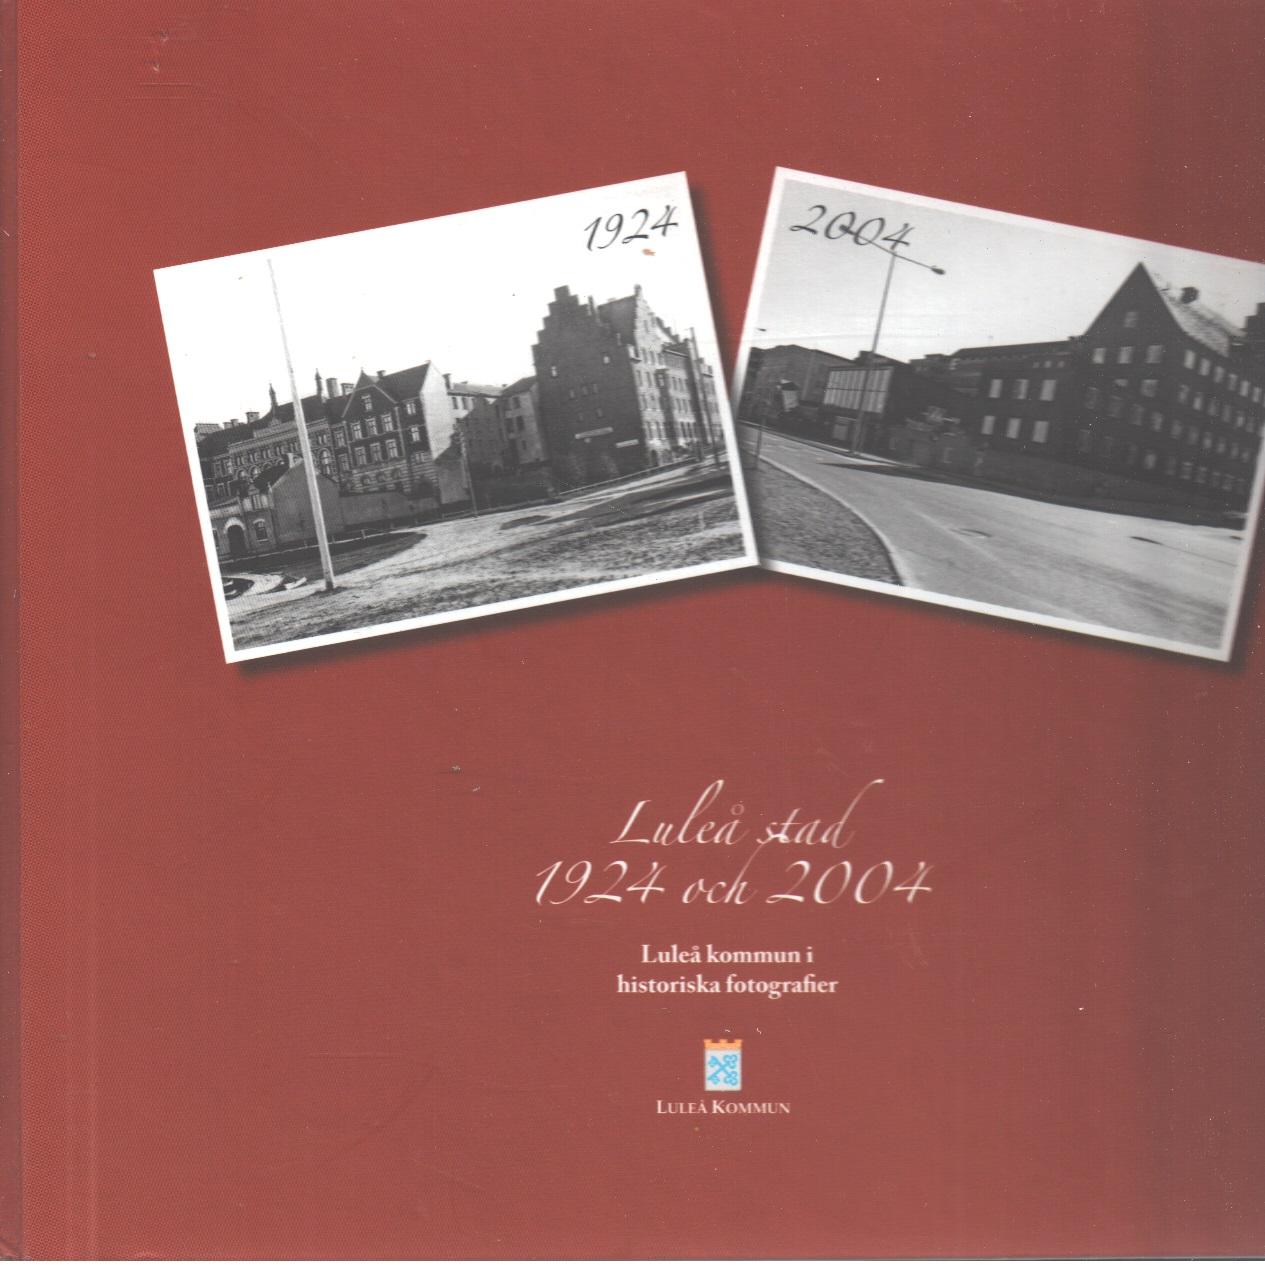 Luleå stad 1924 och 2004 : Luleå kommun i historiska fotografier - Red.